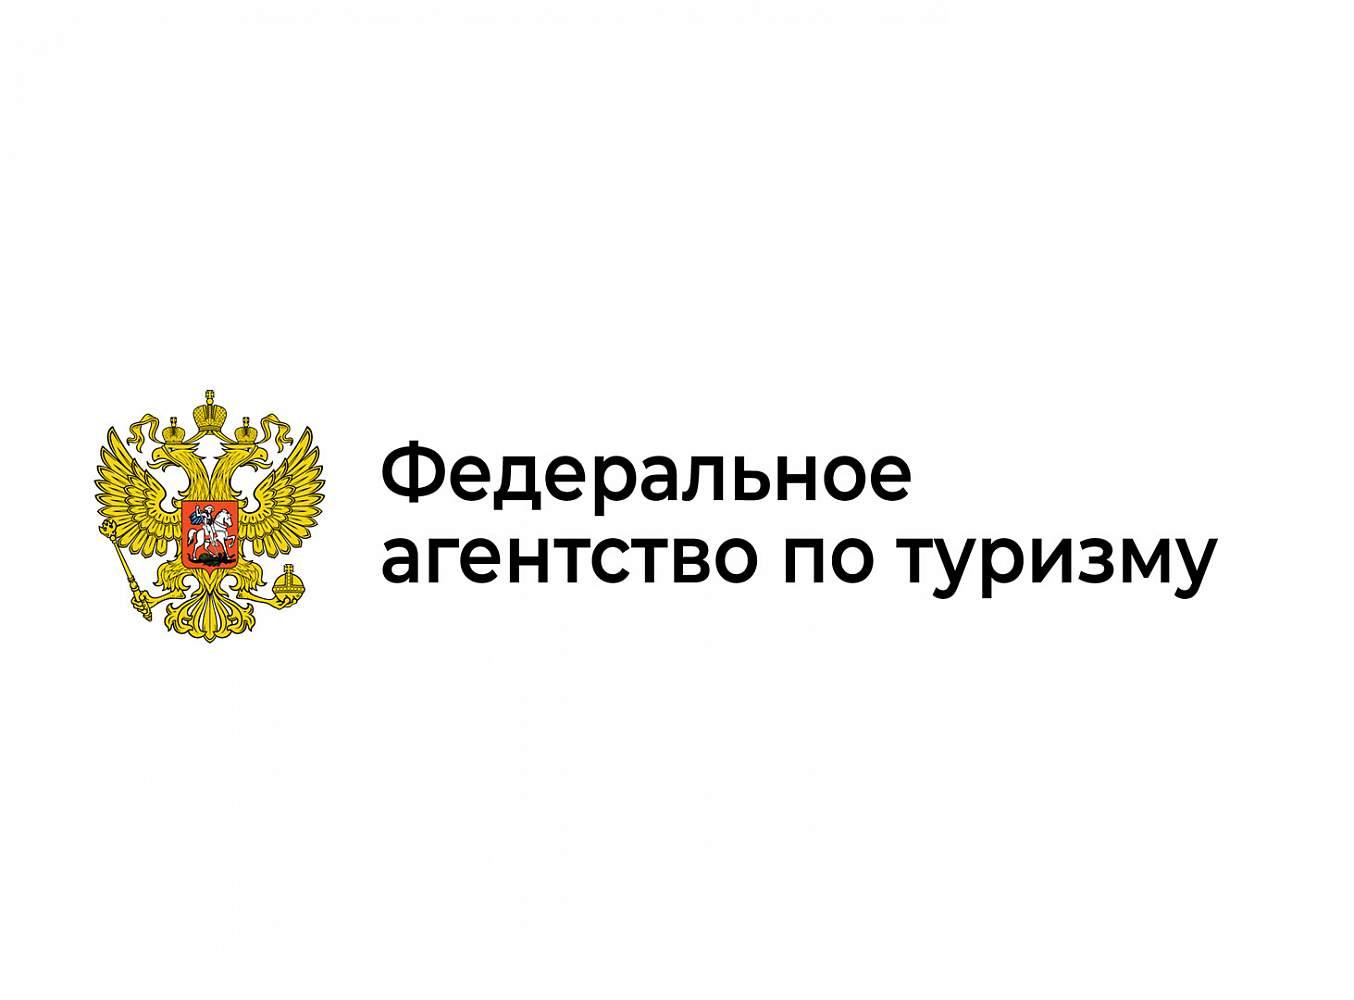 Ограничения отдыха на Кипре апрель-май 2021 года туристам россиянам: последние новости